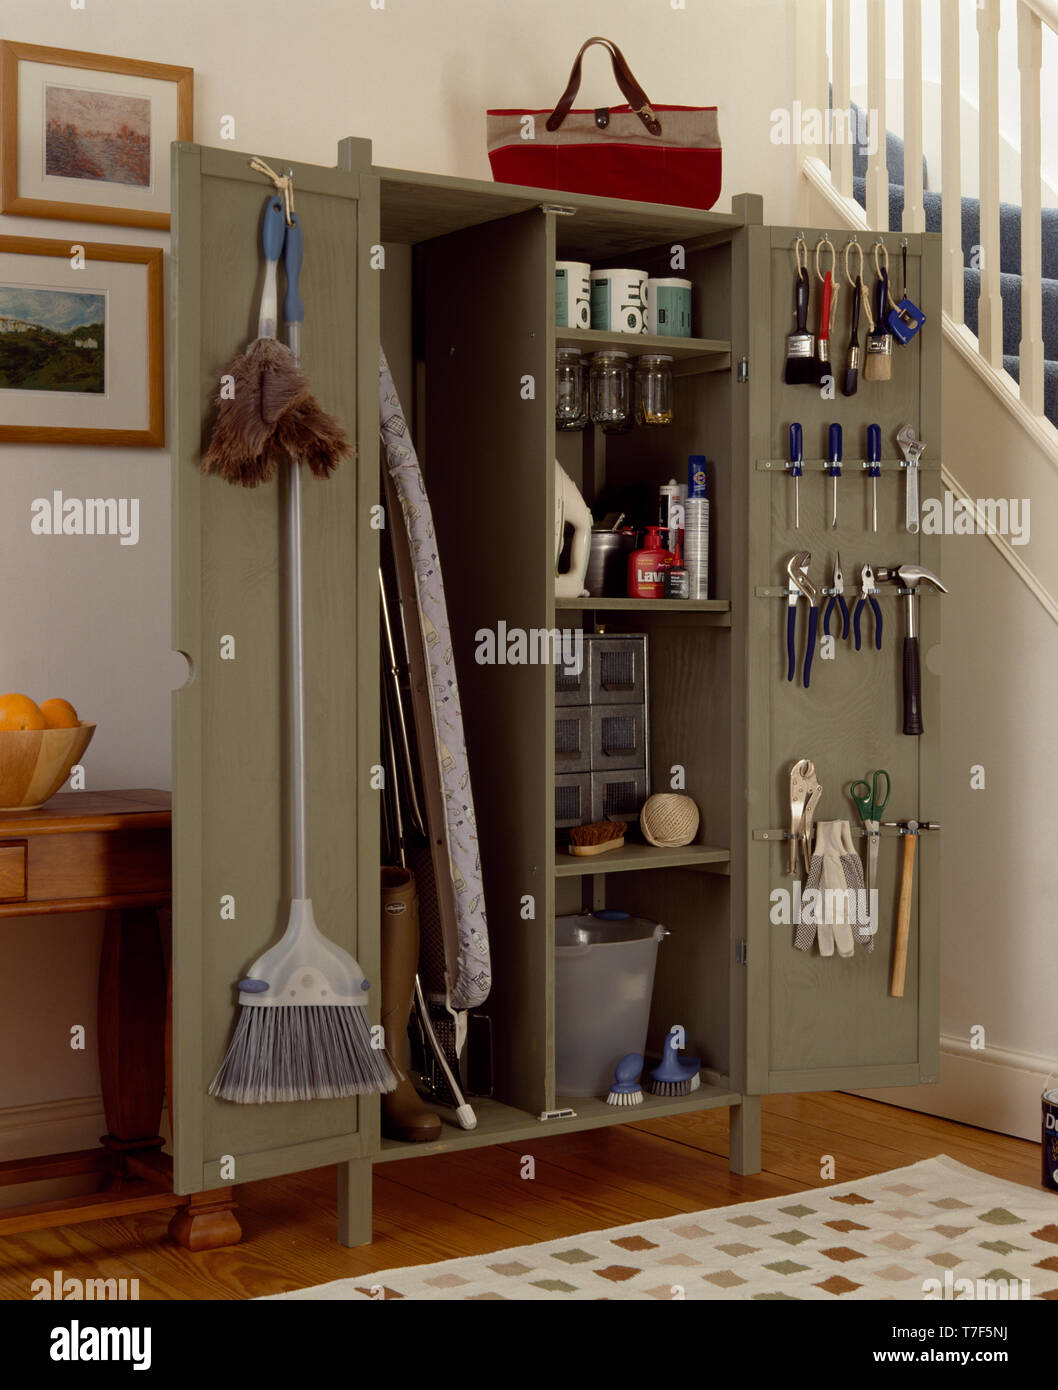 Materials Imágenes Cleaning Fotos De Stockamp; L4jA3c5Rq